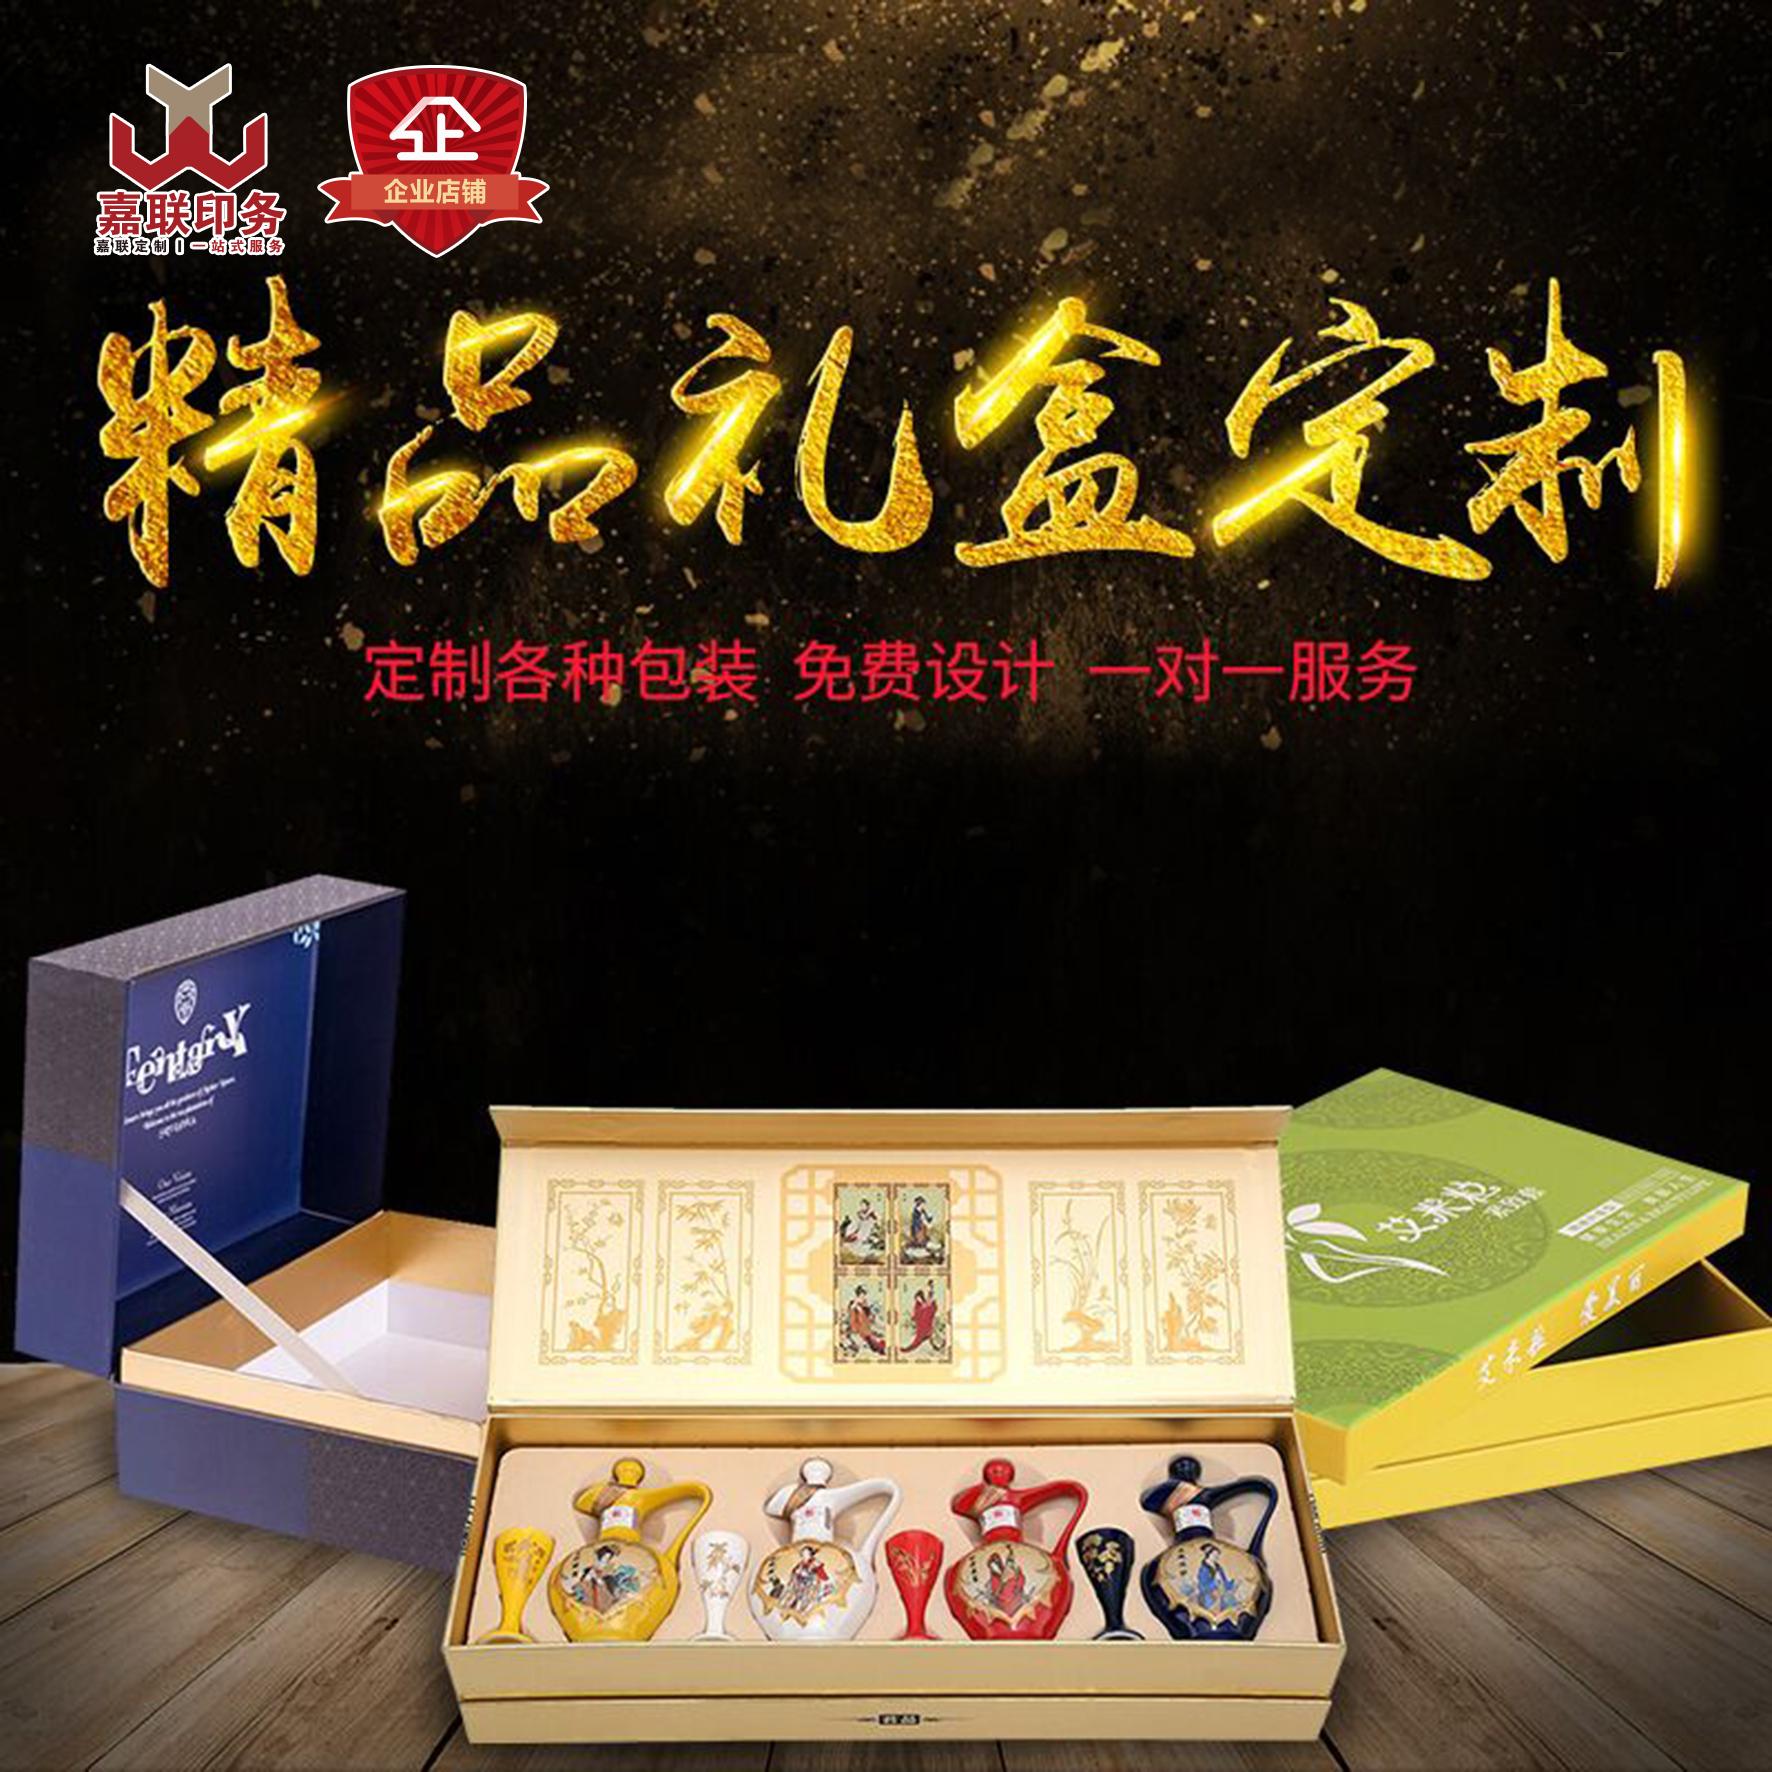 高档化妆品保健品硬纸板礼品盒定做蜂蜜茶叶产品包装盒精品盒定制